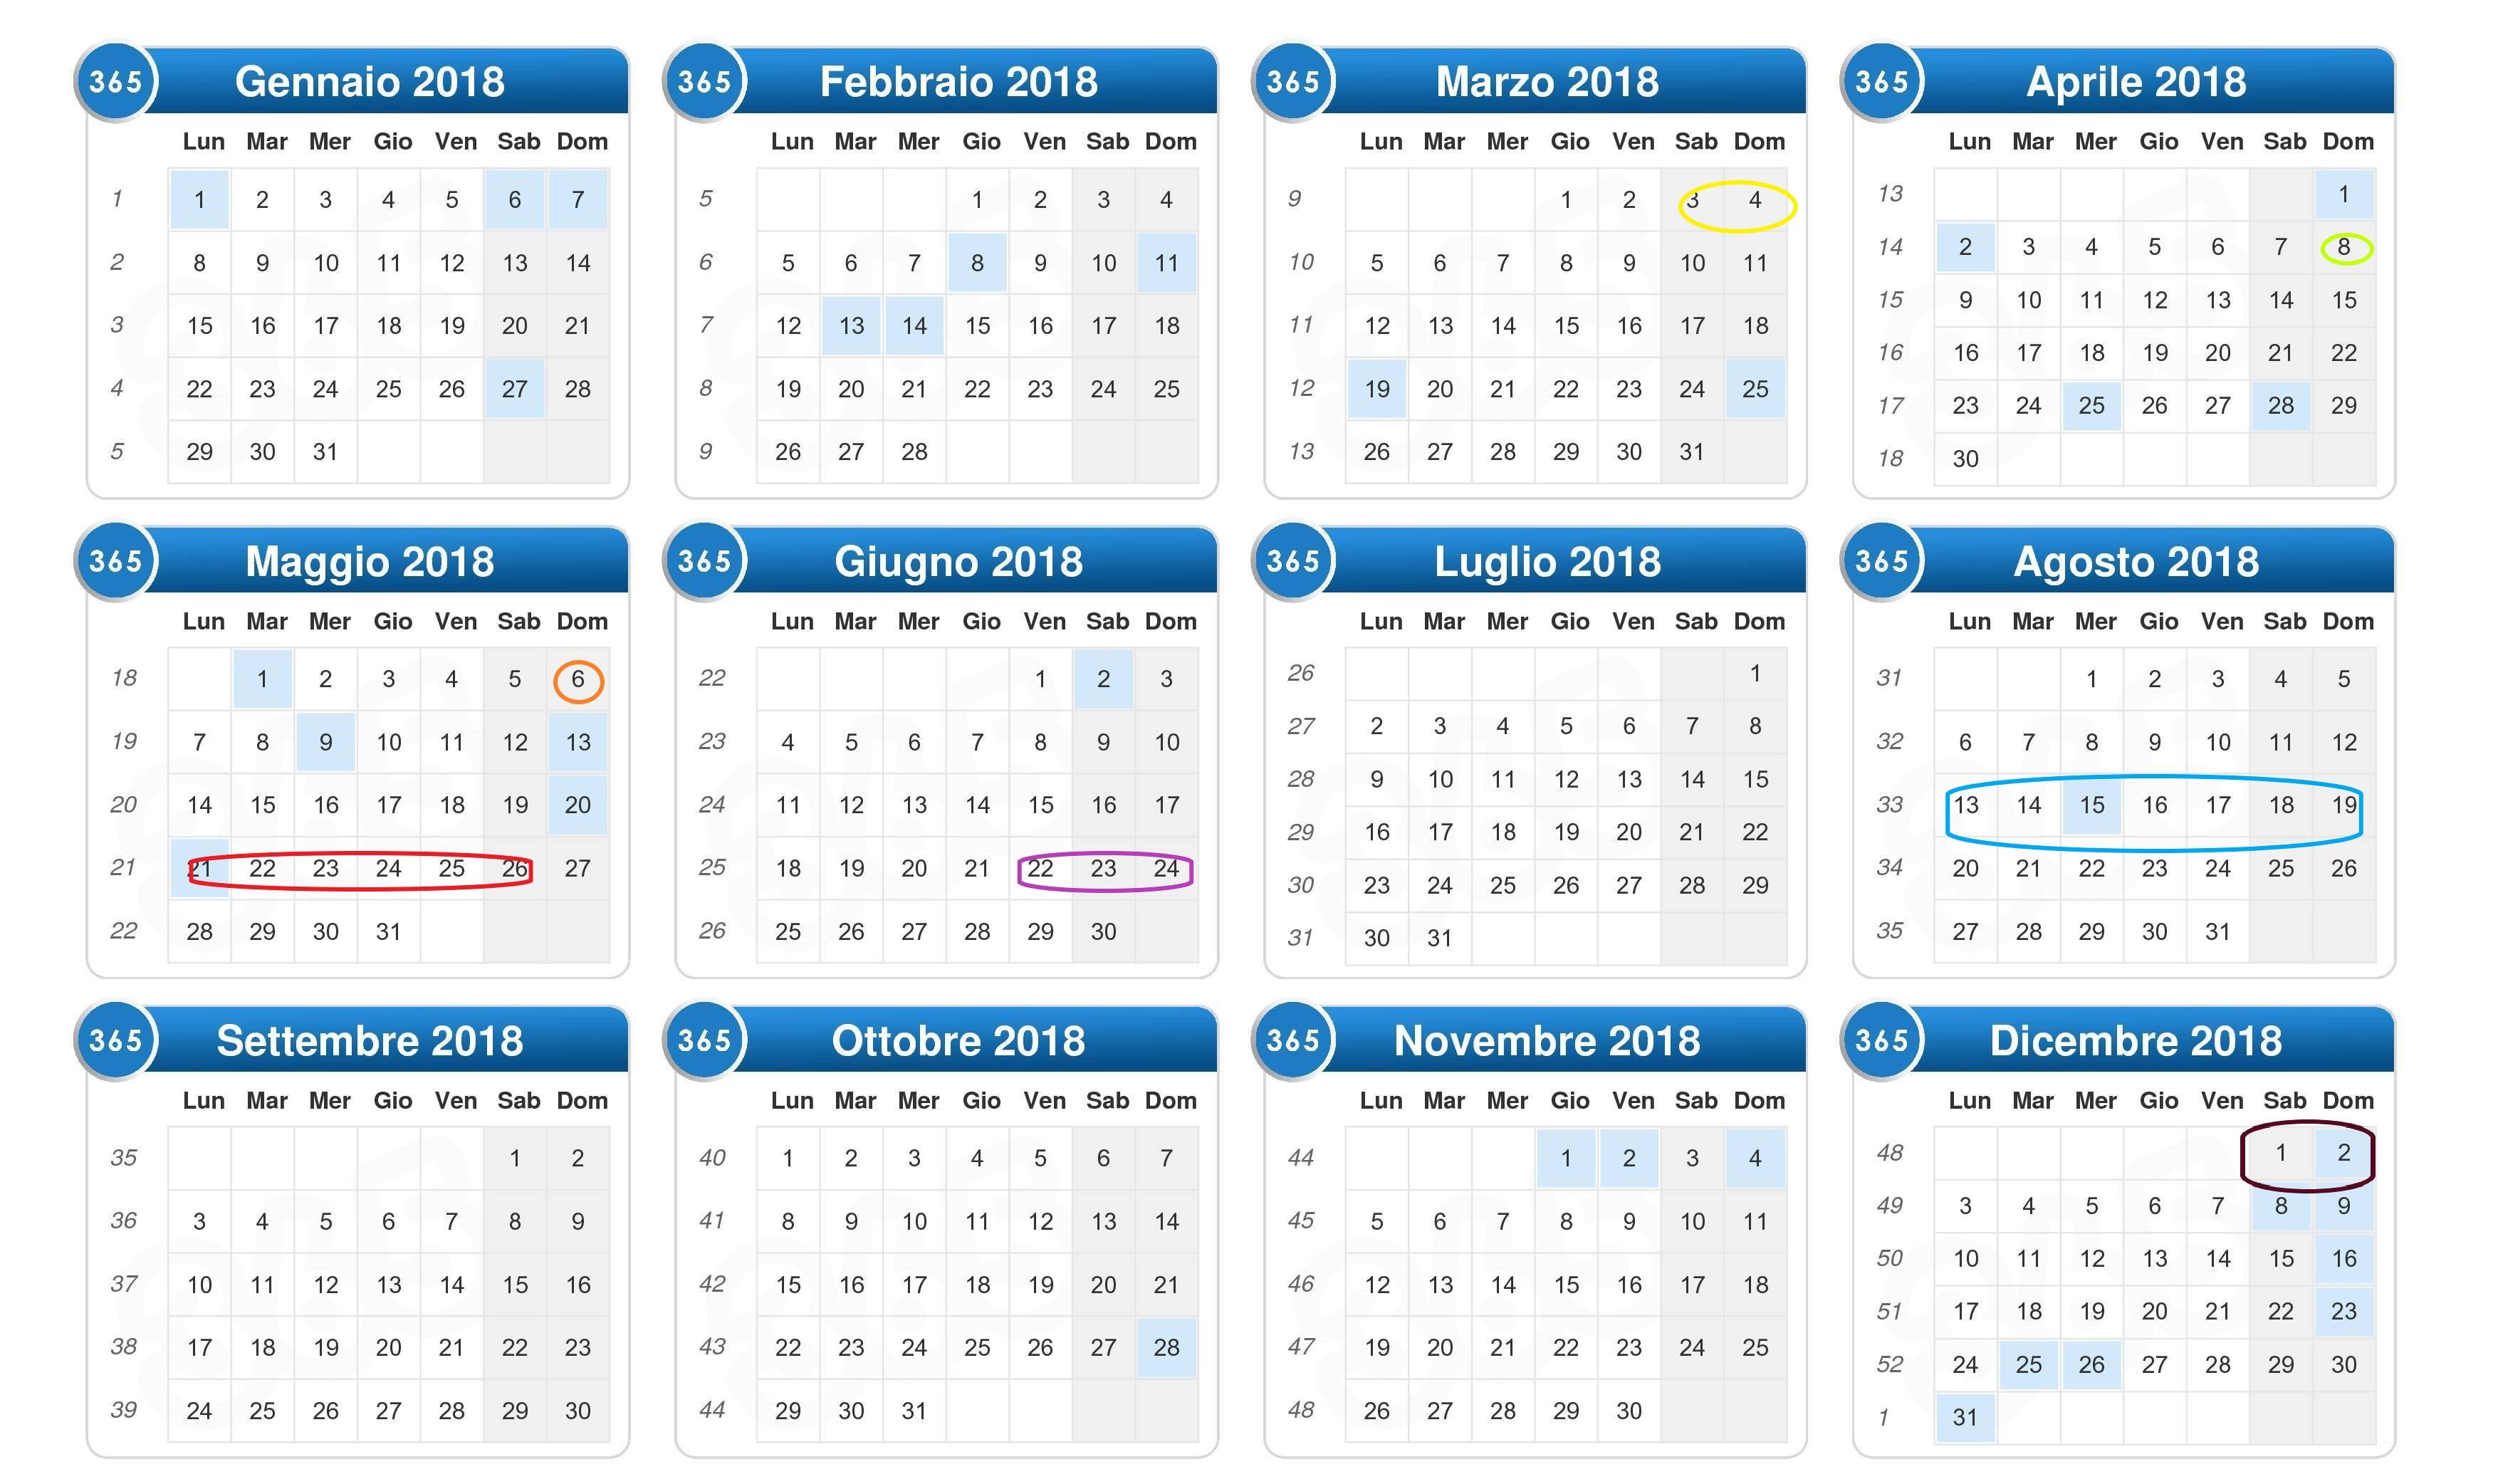 Calendario Nazionali.Ufficializzato Il Calendario Degli Eventi Nazionali Finp